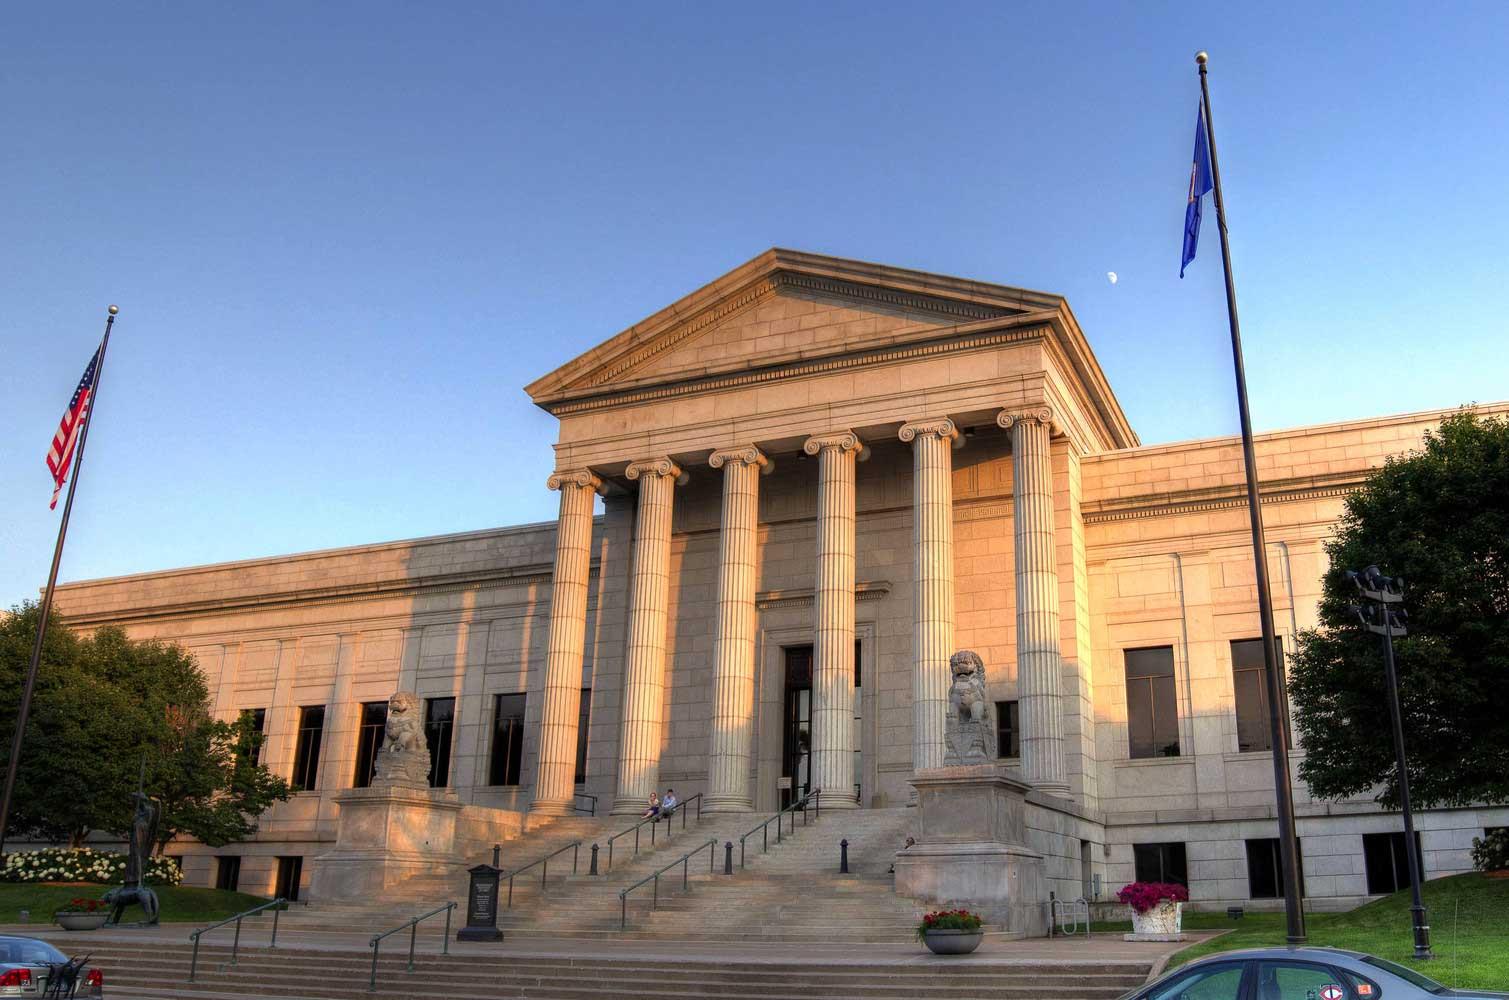 Minneapolis Institute of Art